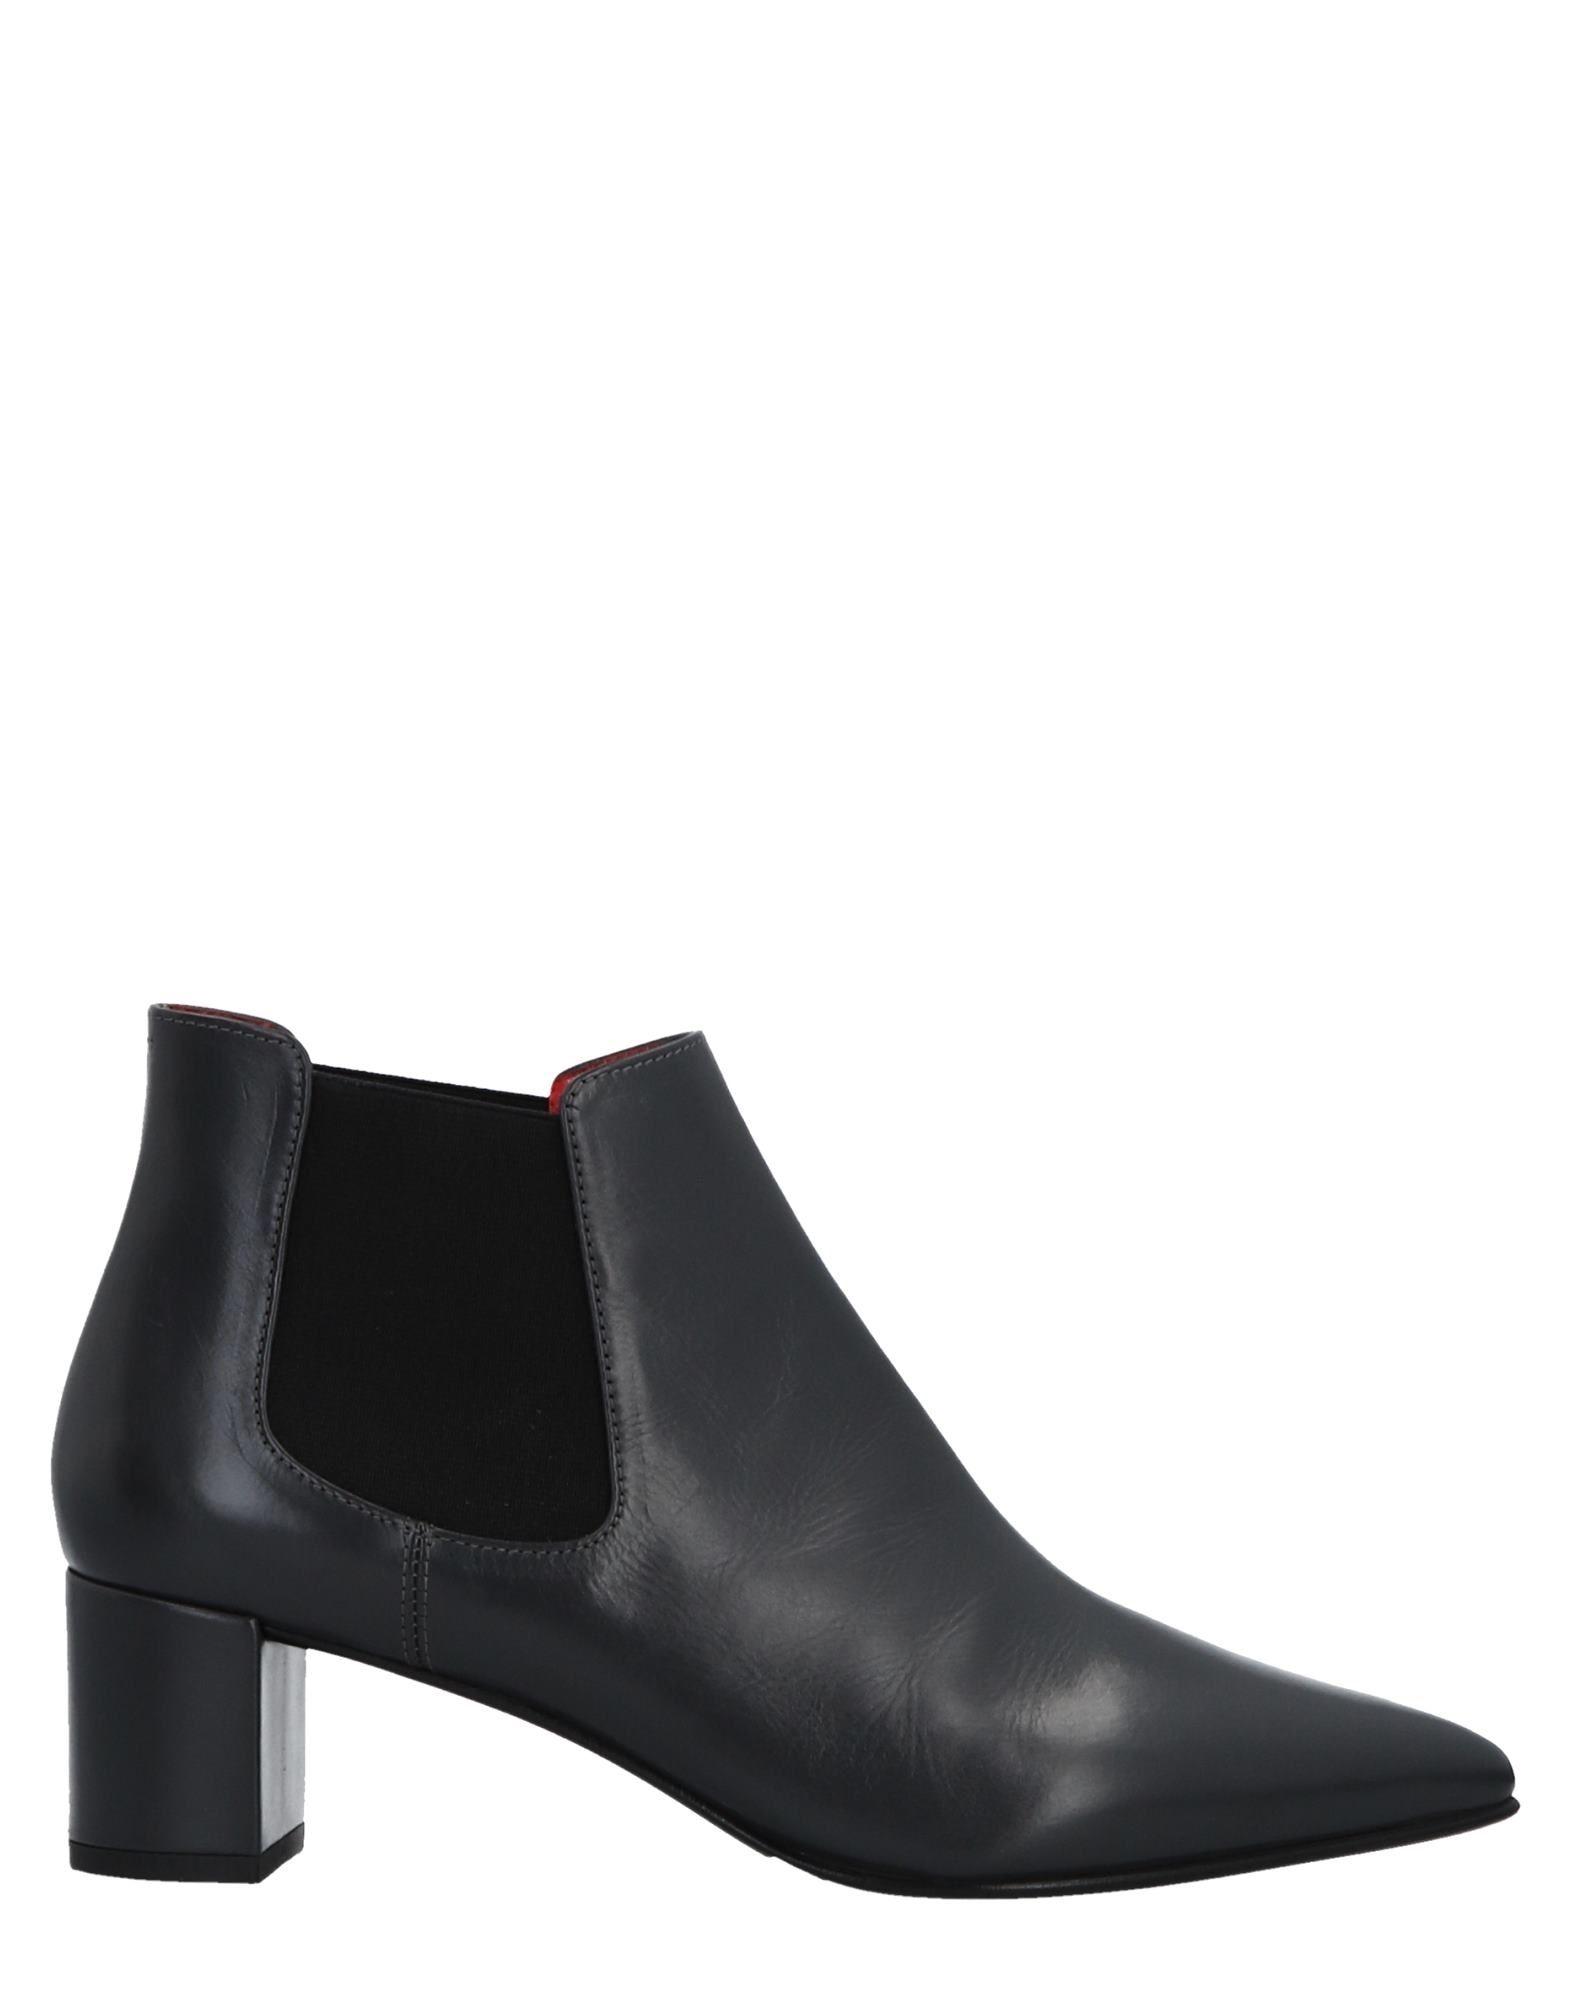 Pas De Rouge Ankle Boot - Women Boots Pas De Rouge Ankle Boots Women online on  Australia - 11513006SX 90c548